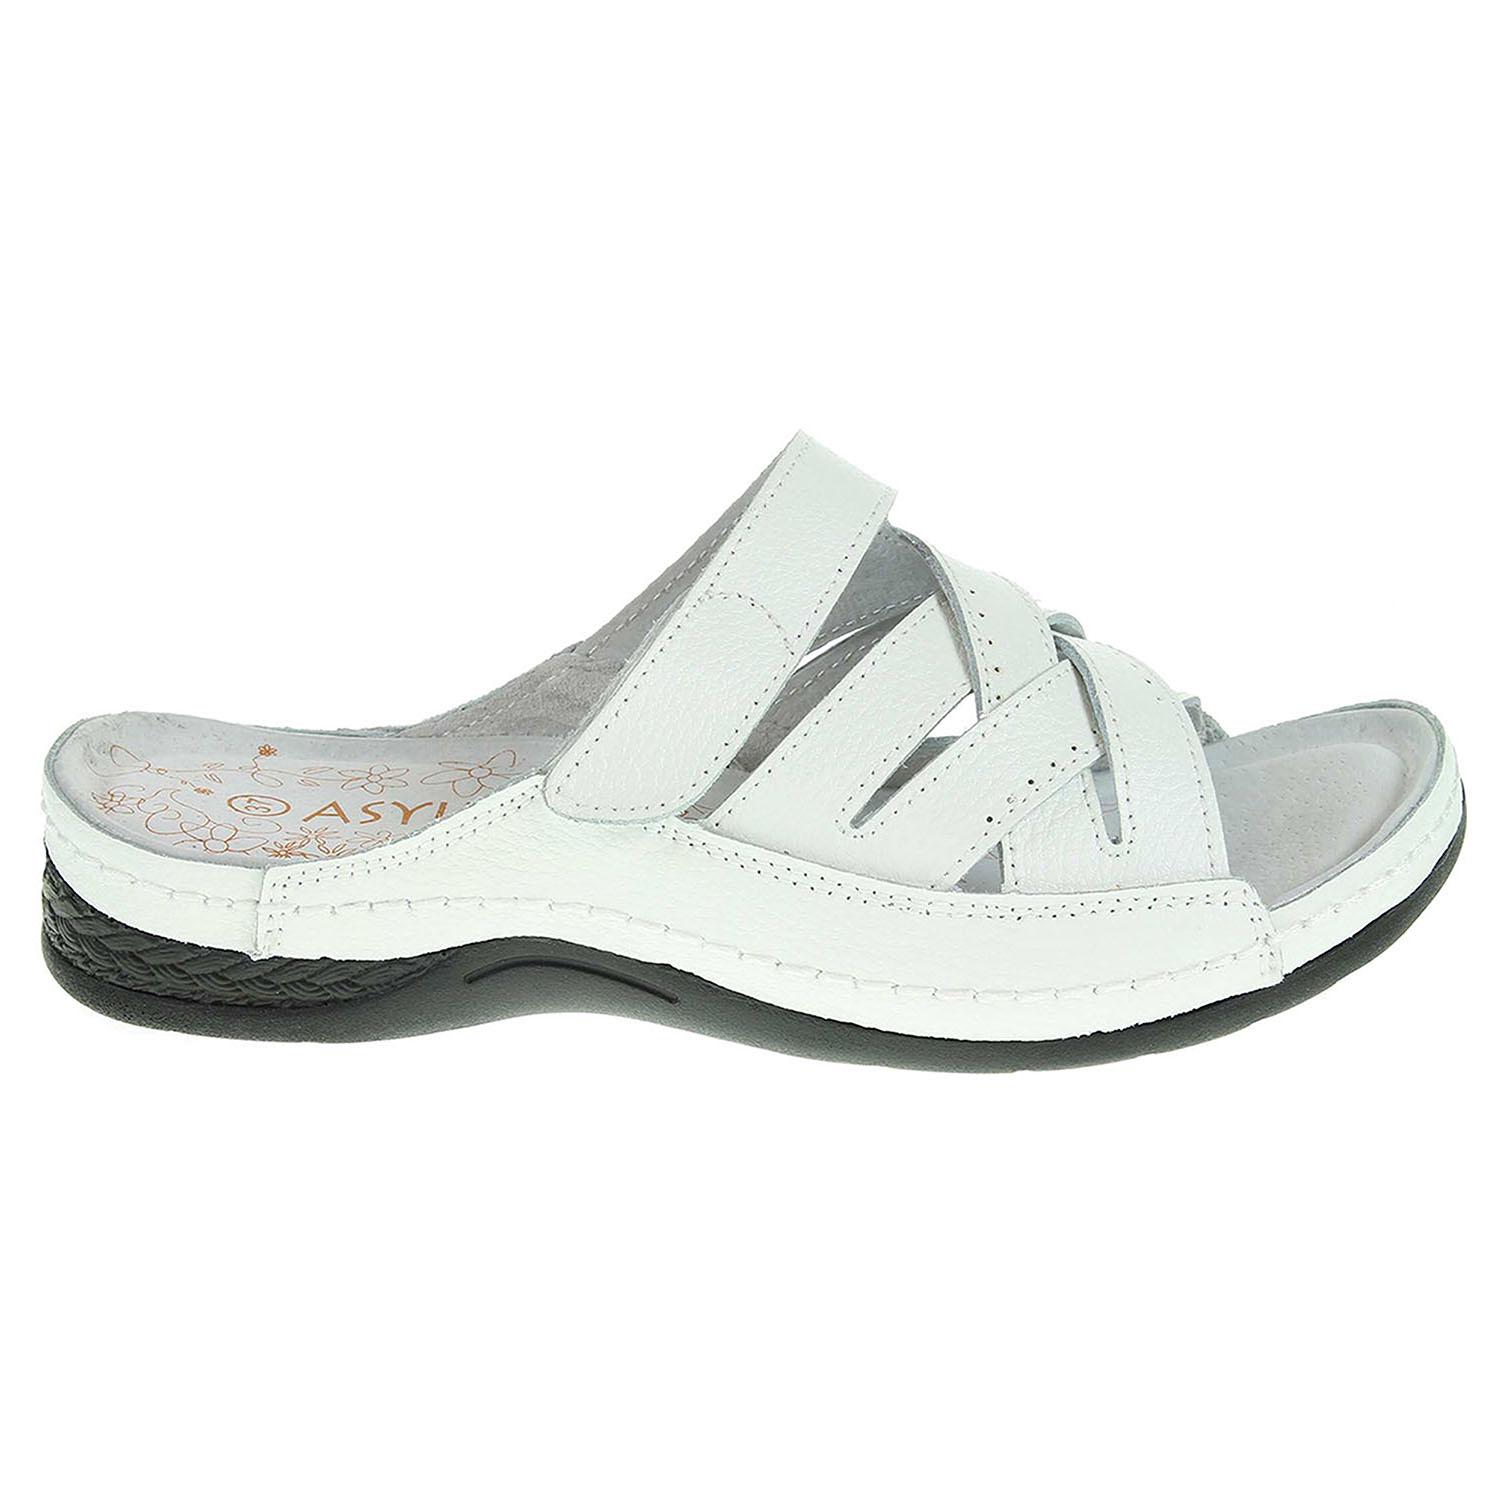 Ecco Asylum dámské pantofle AU-211-13-01 bílé 23600802